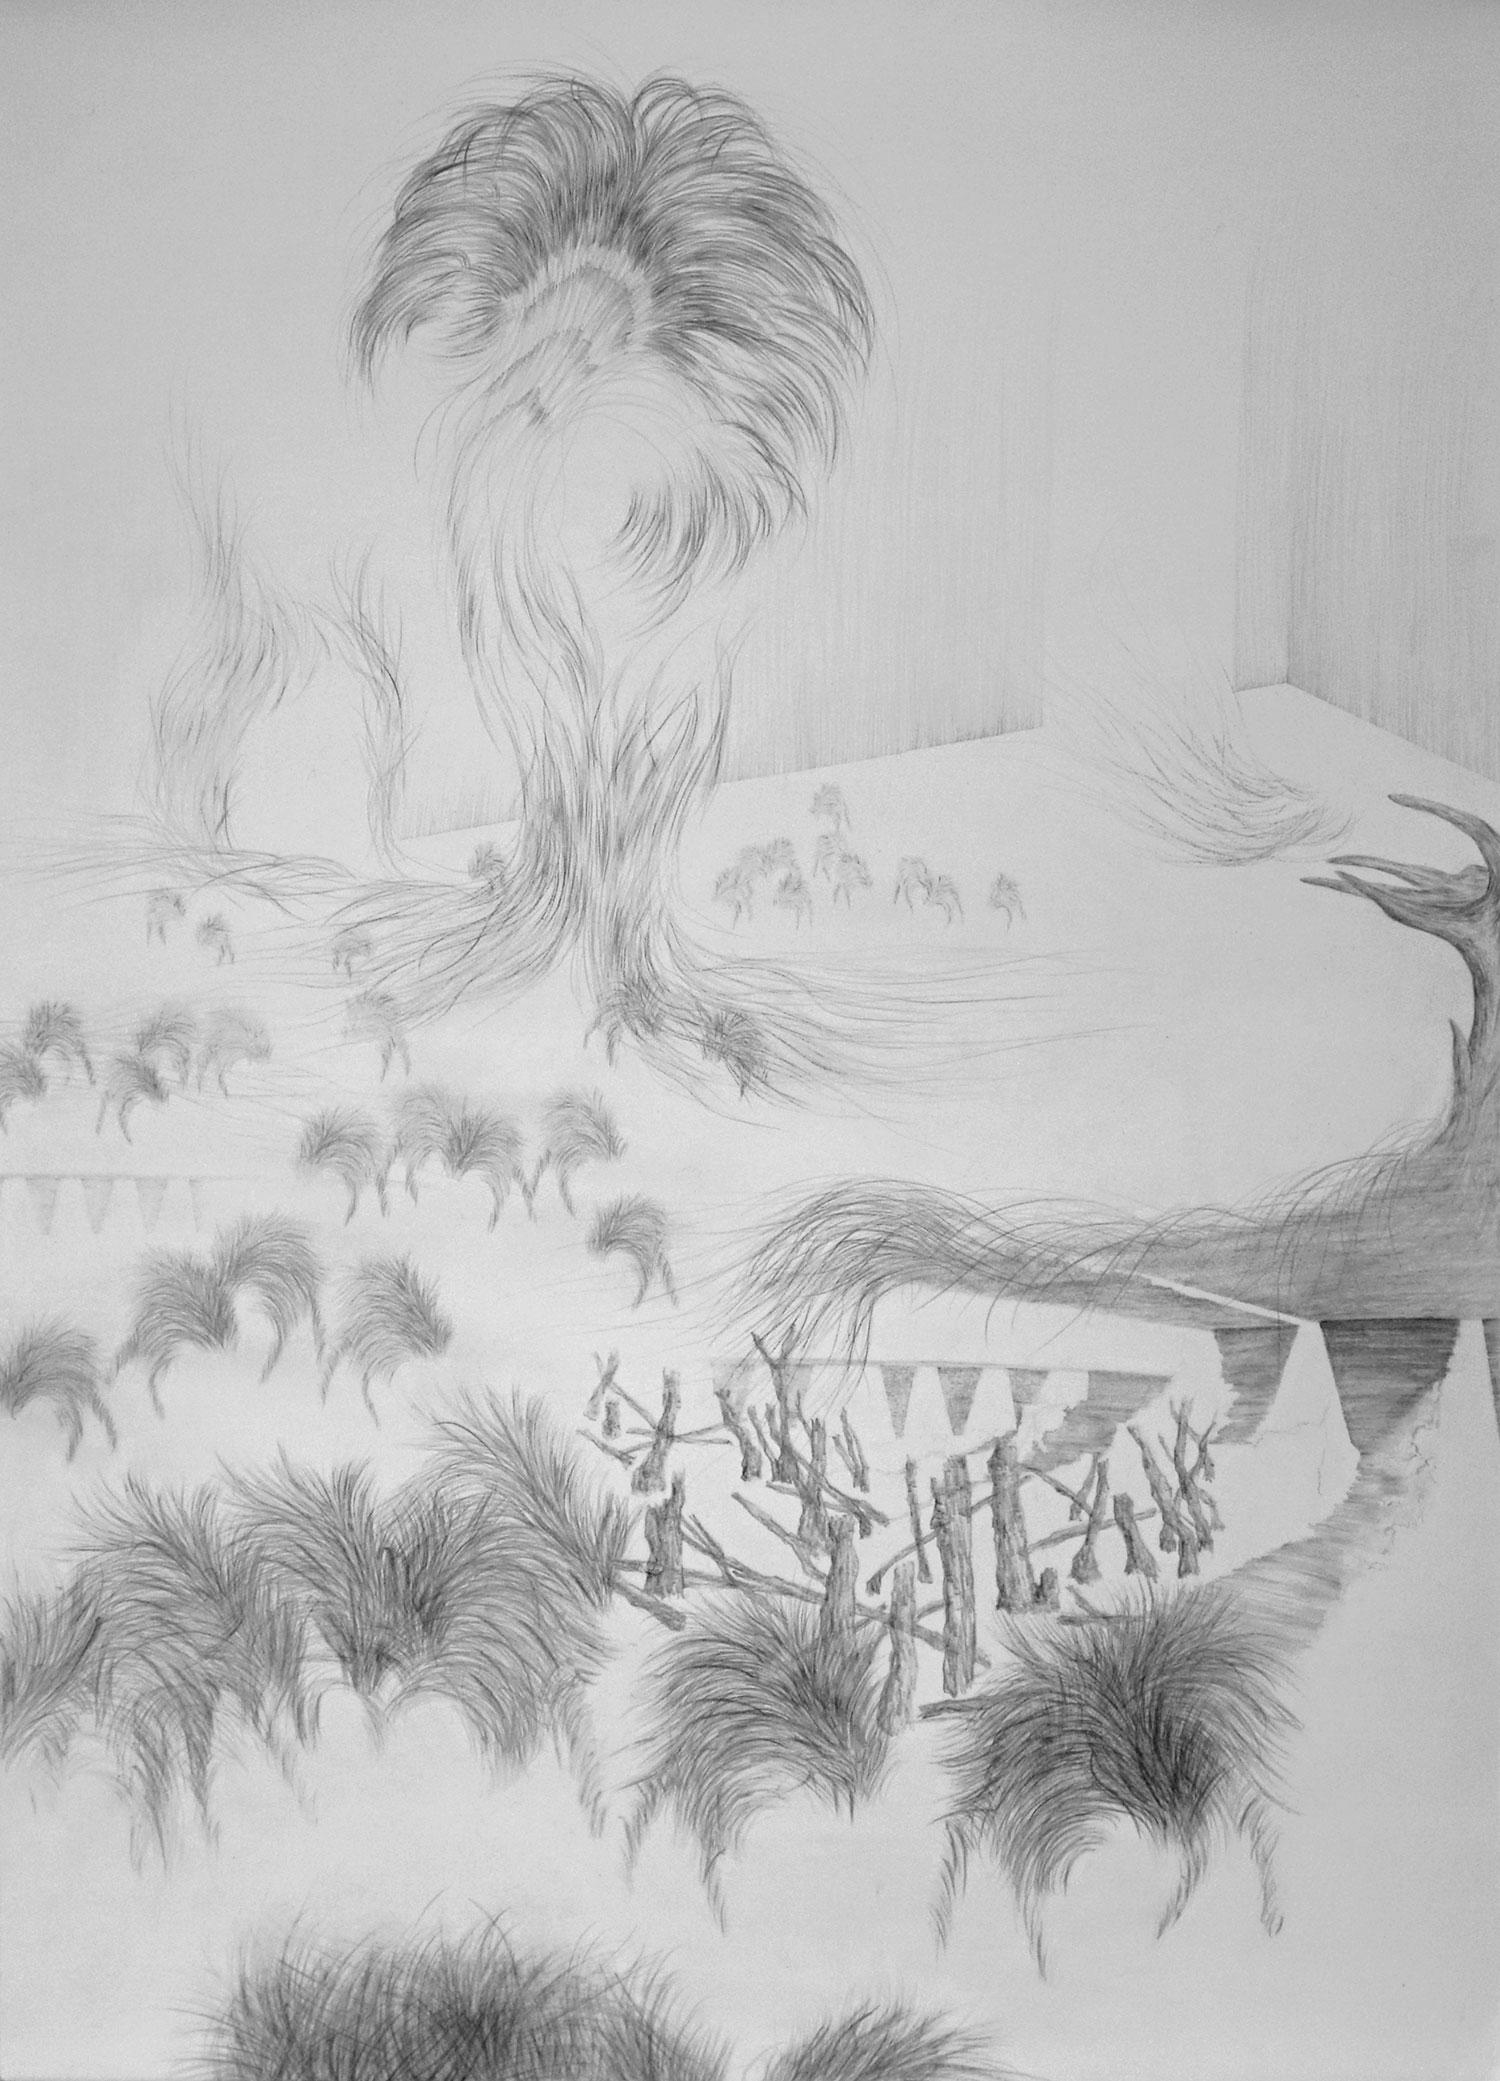 <i>au nord</i>, 2017, graphite, 101x70cm